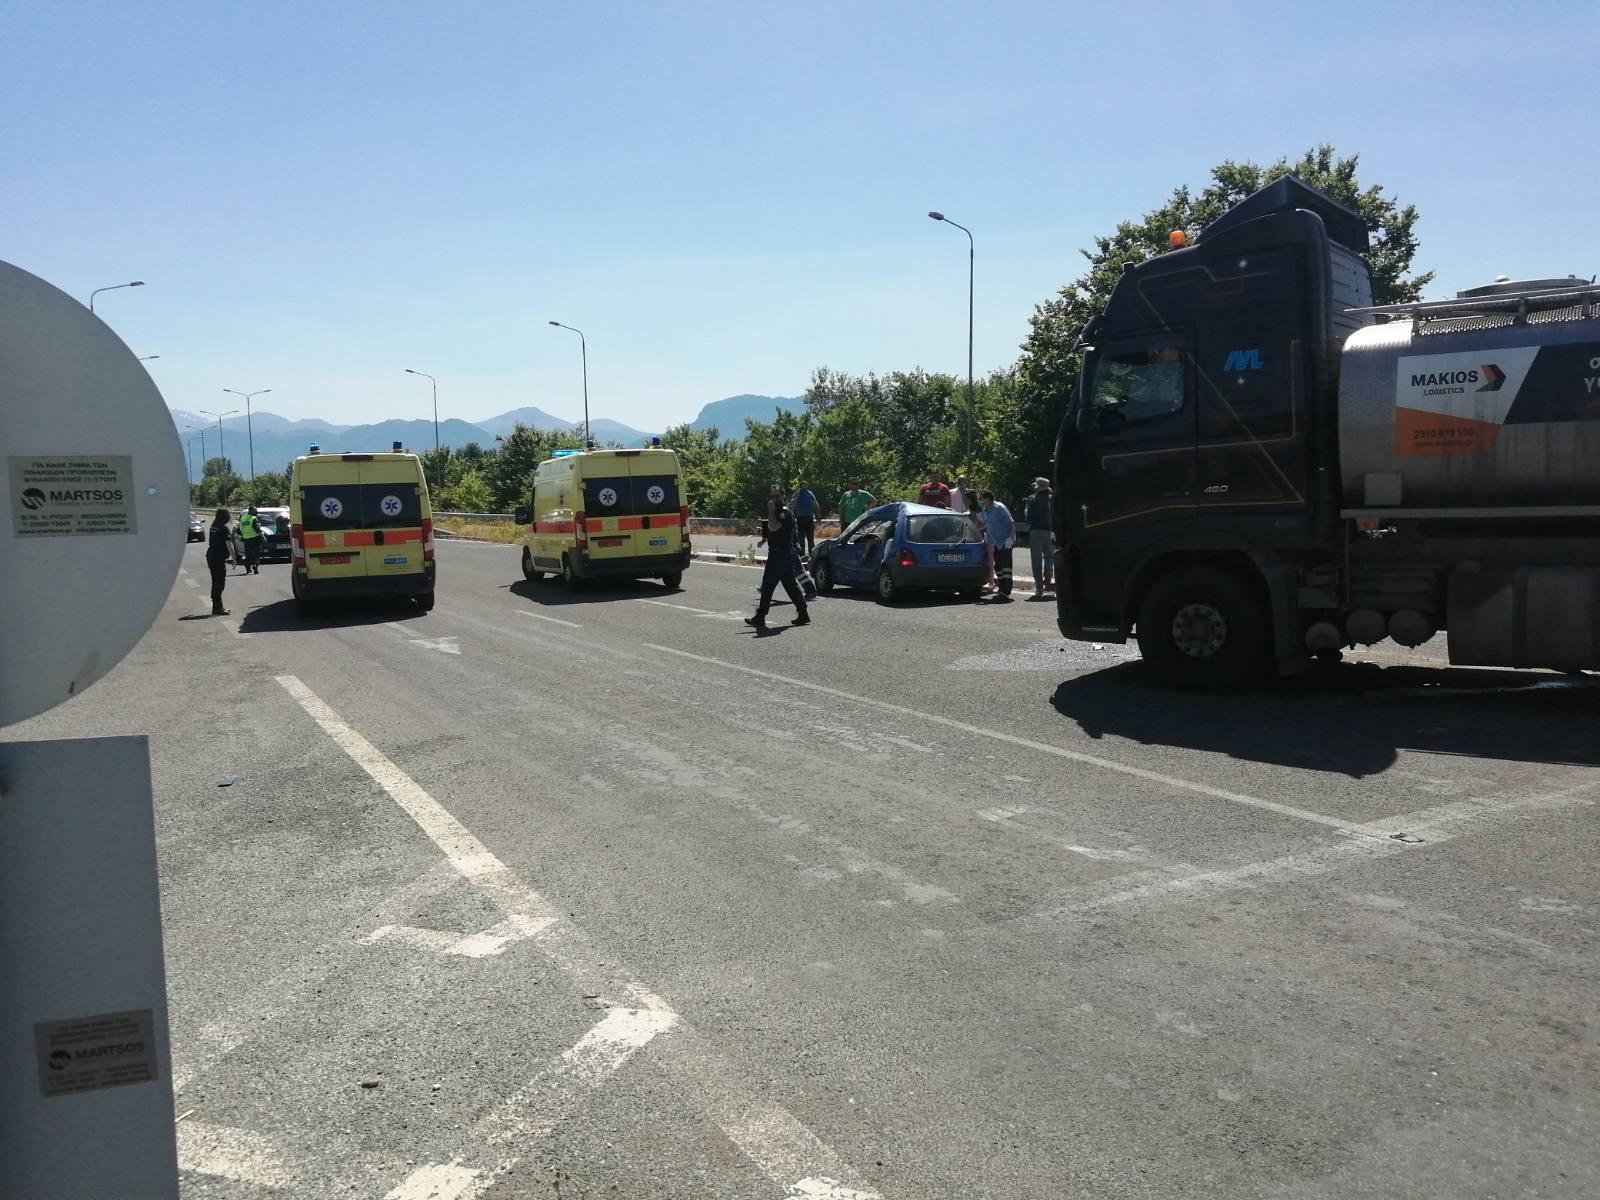 Τρίκαλα: Σκοτώθηκε μπροστά στη γυναίκα του σε φοβερό τροχαίο – Η μοιραία σύγκρουση με φορτηγό (pics)